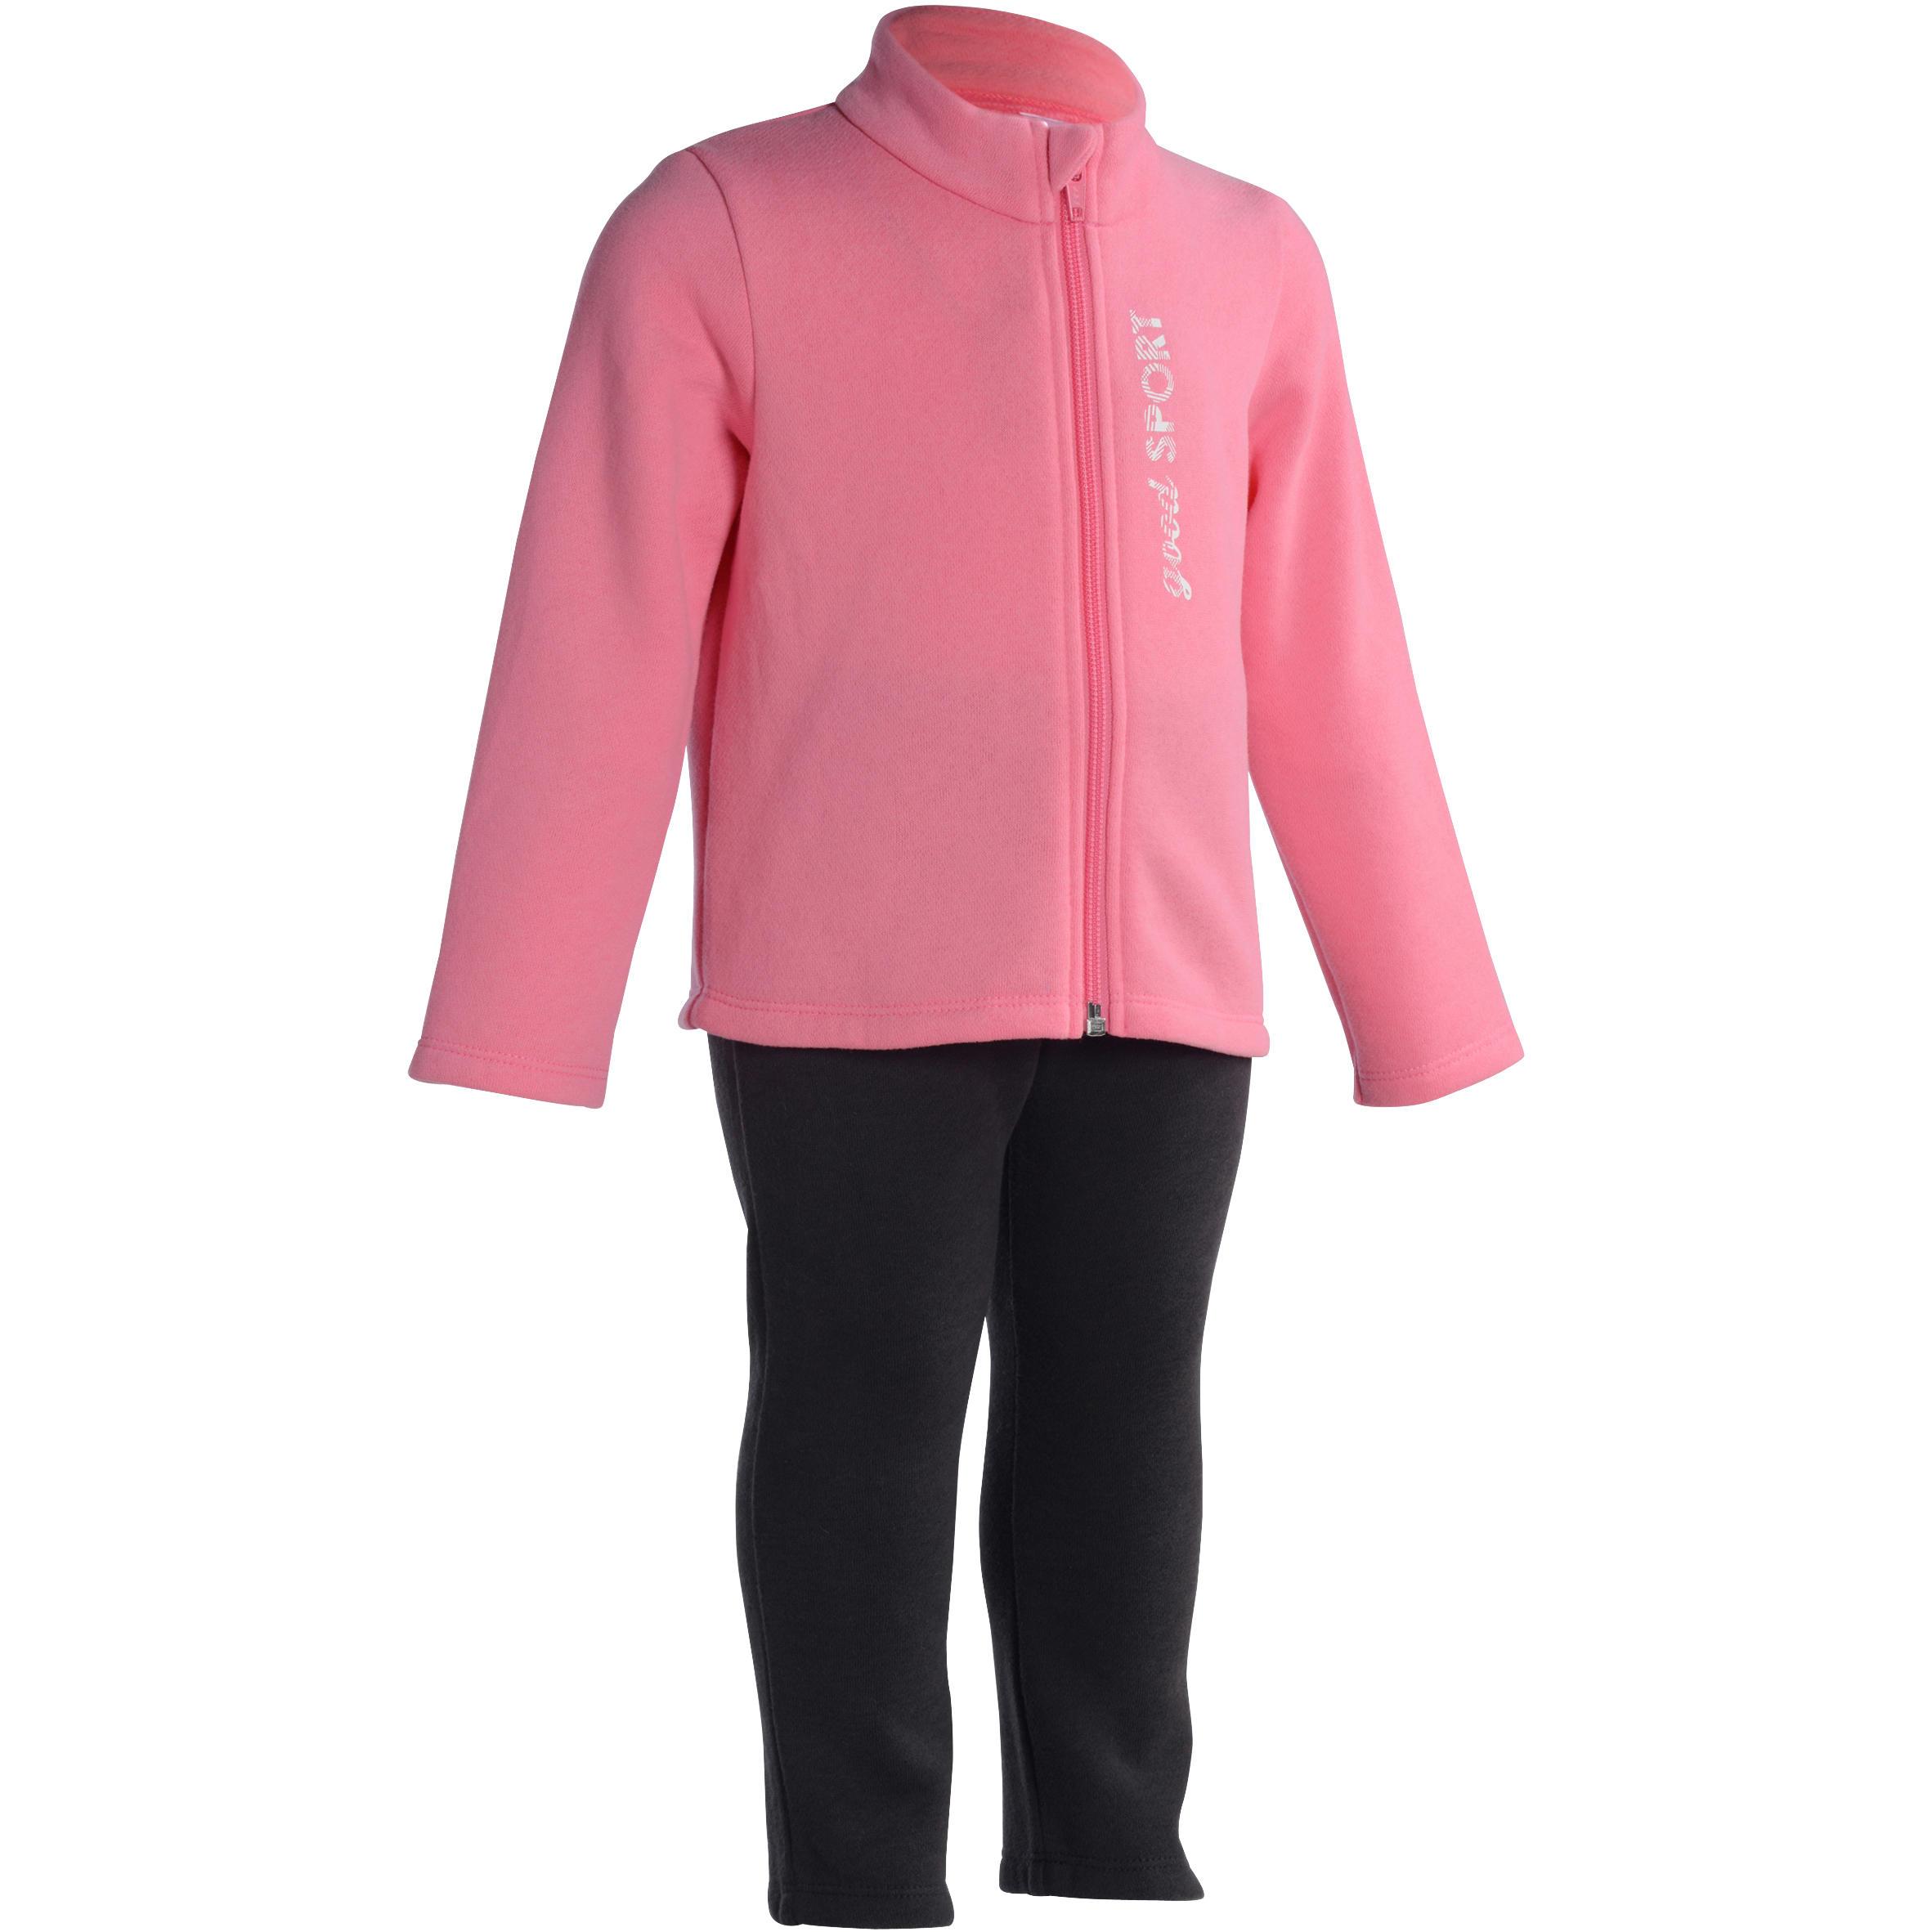 Traje con cierre y estampado para gimnasia infantil rosa Warm'y Zip